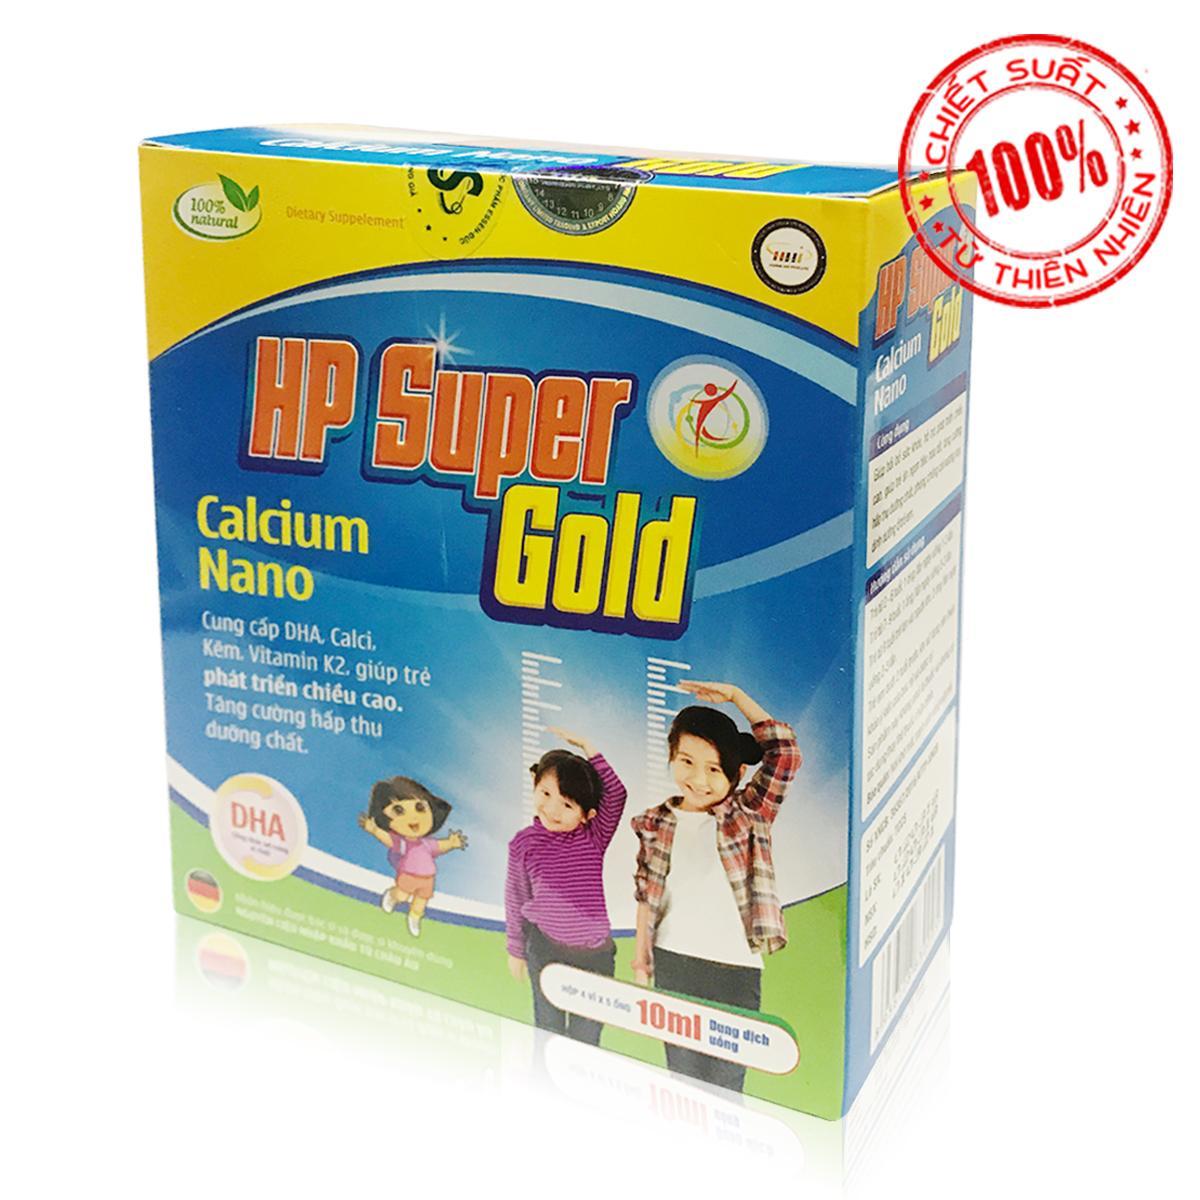 Thực phẩm chức năng tăng chiều cao trẻ nhỏ HP Super Gold - Calcium Nano (OEM)